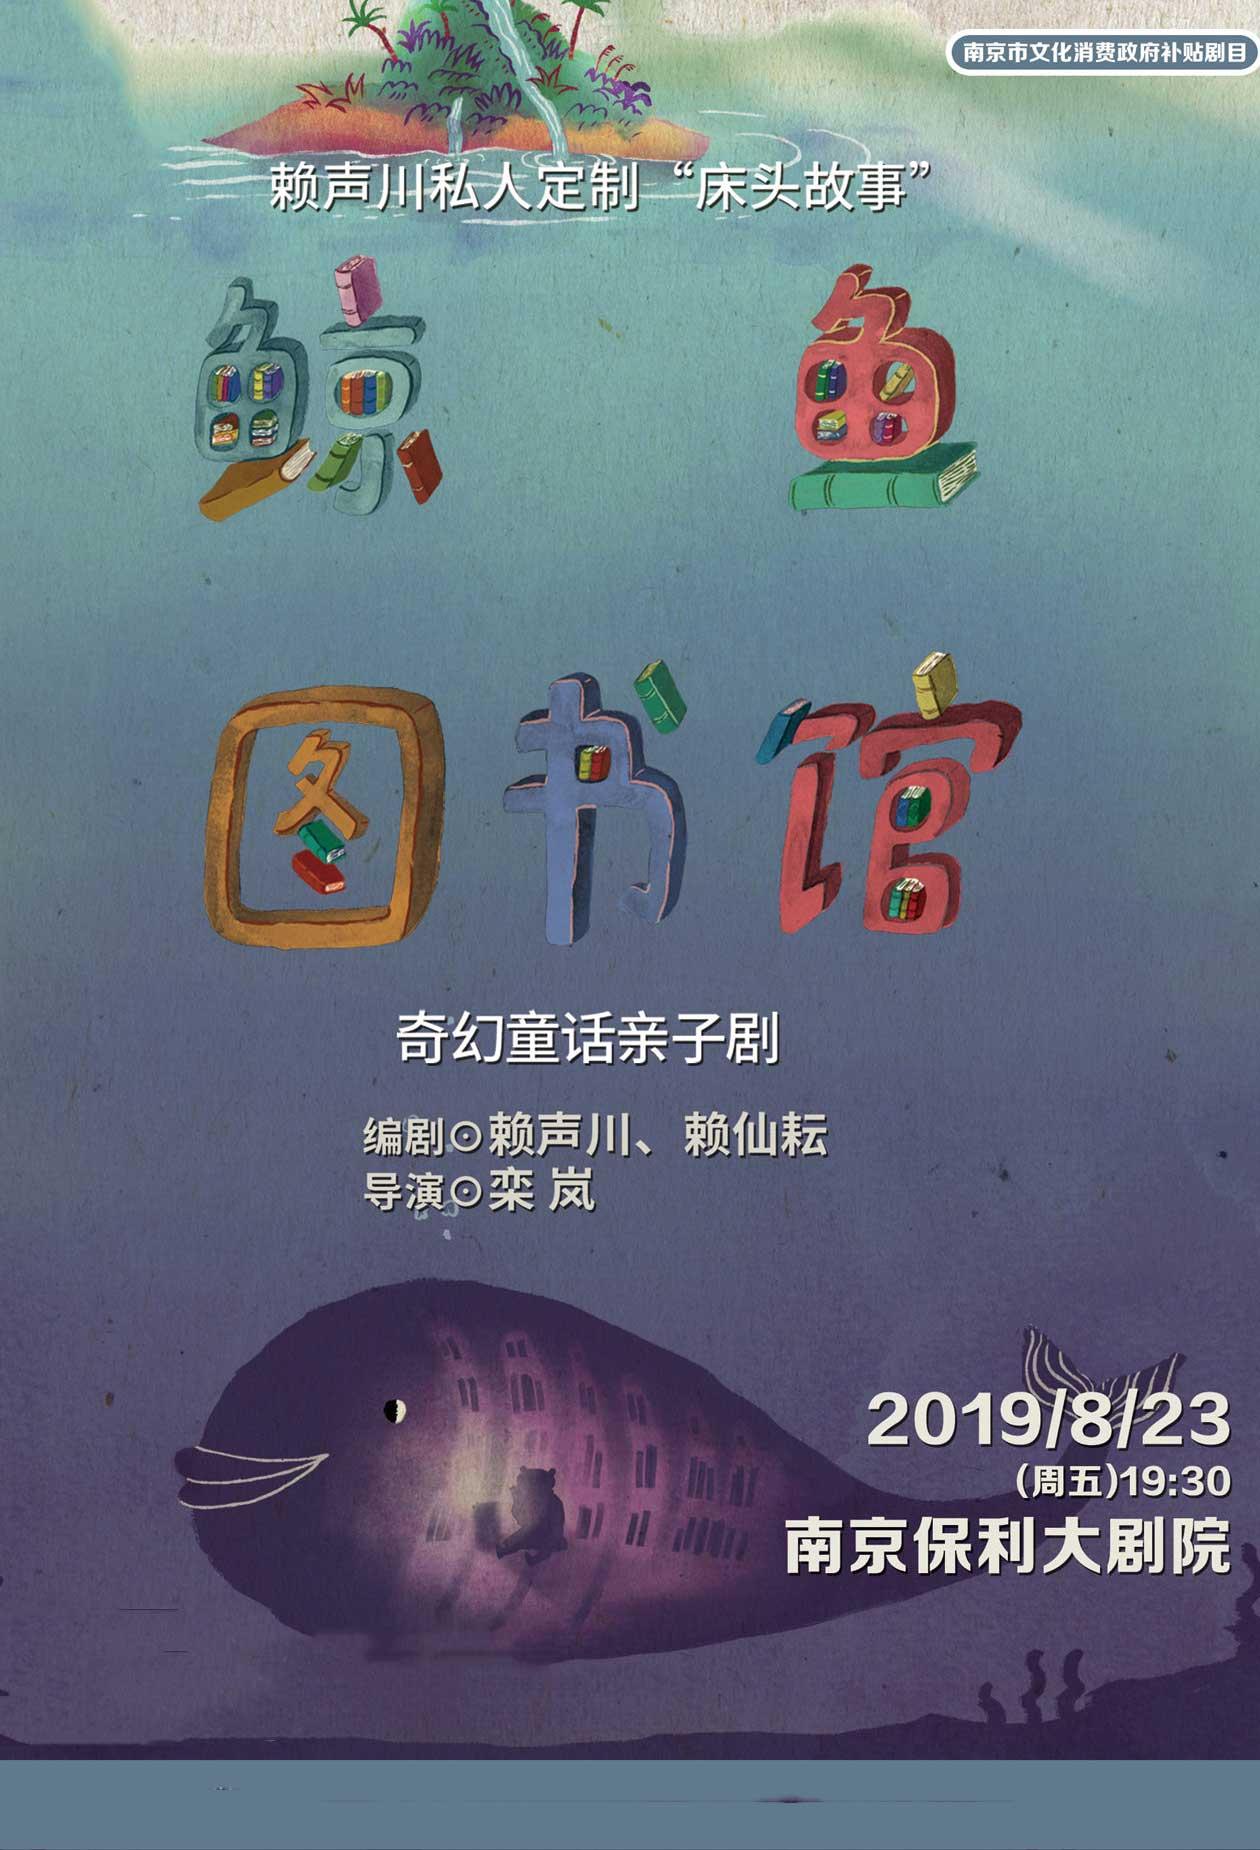 话剧《鲸鱼图书馆》南京站